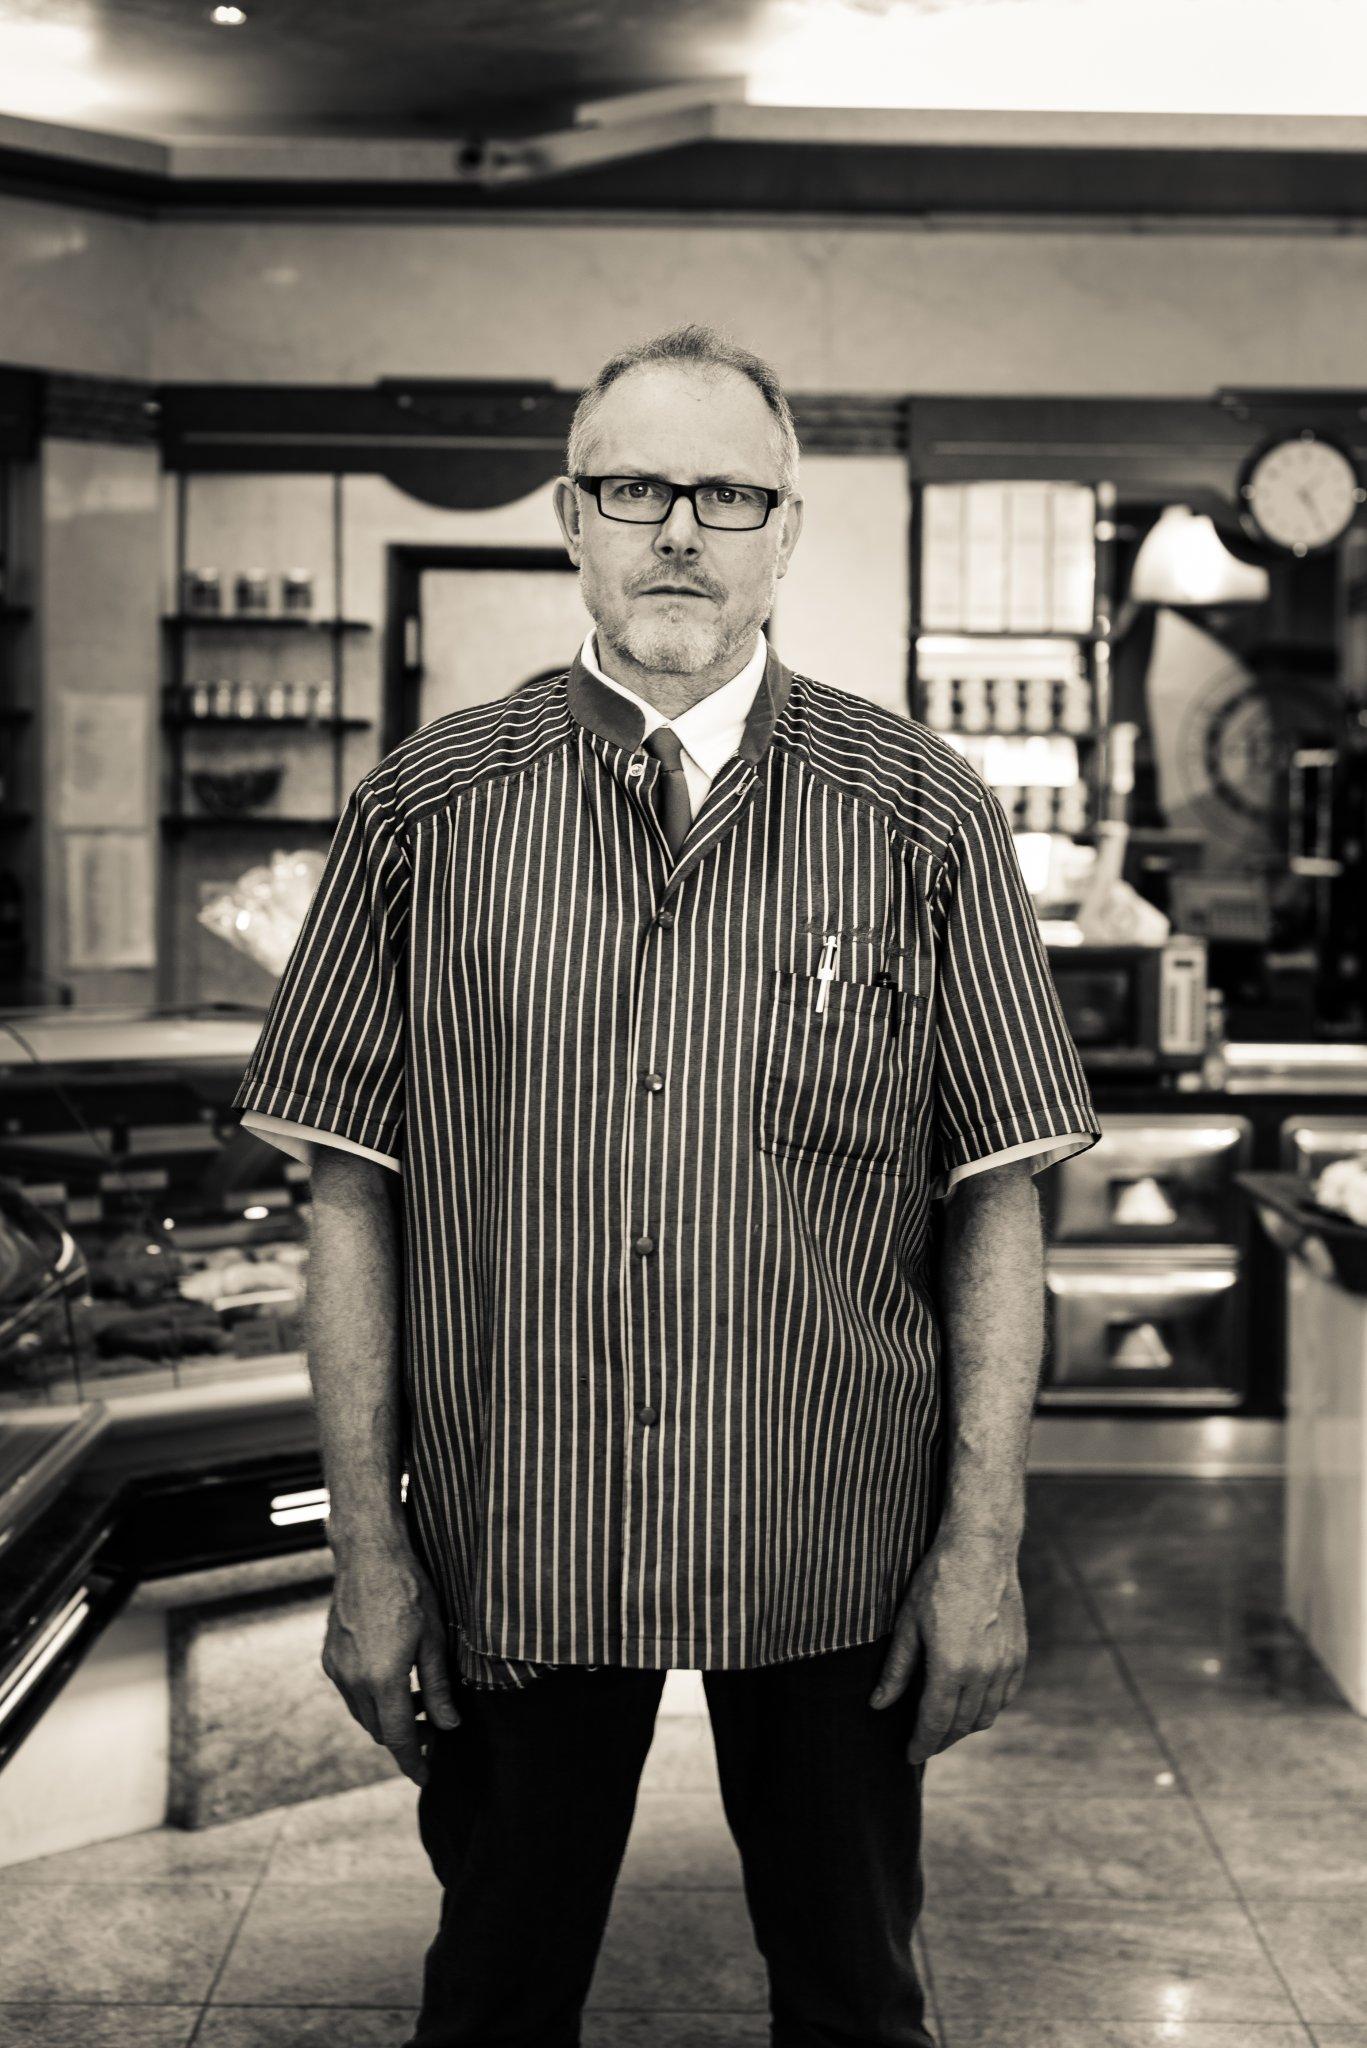 Photographe Lyon Villeurbanne - portrait professionnel artisan commerçant entreprise - Gilles Drevet - Maison Drevet - Gratte-Ciel